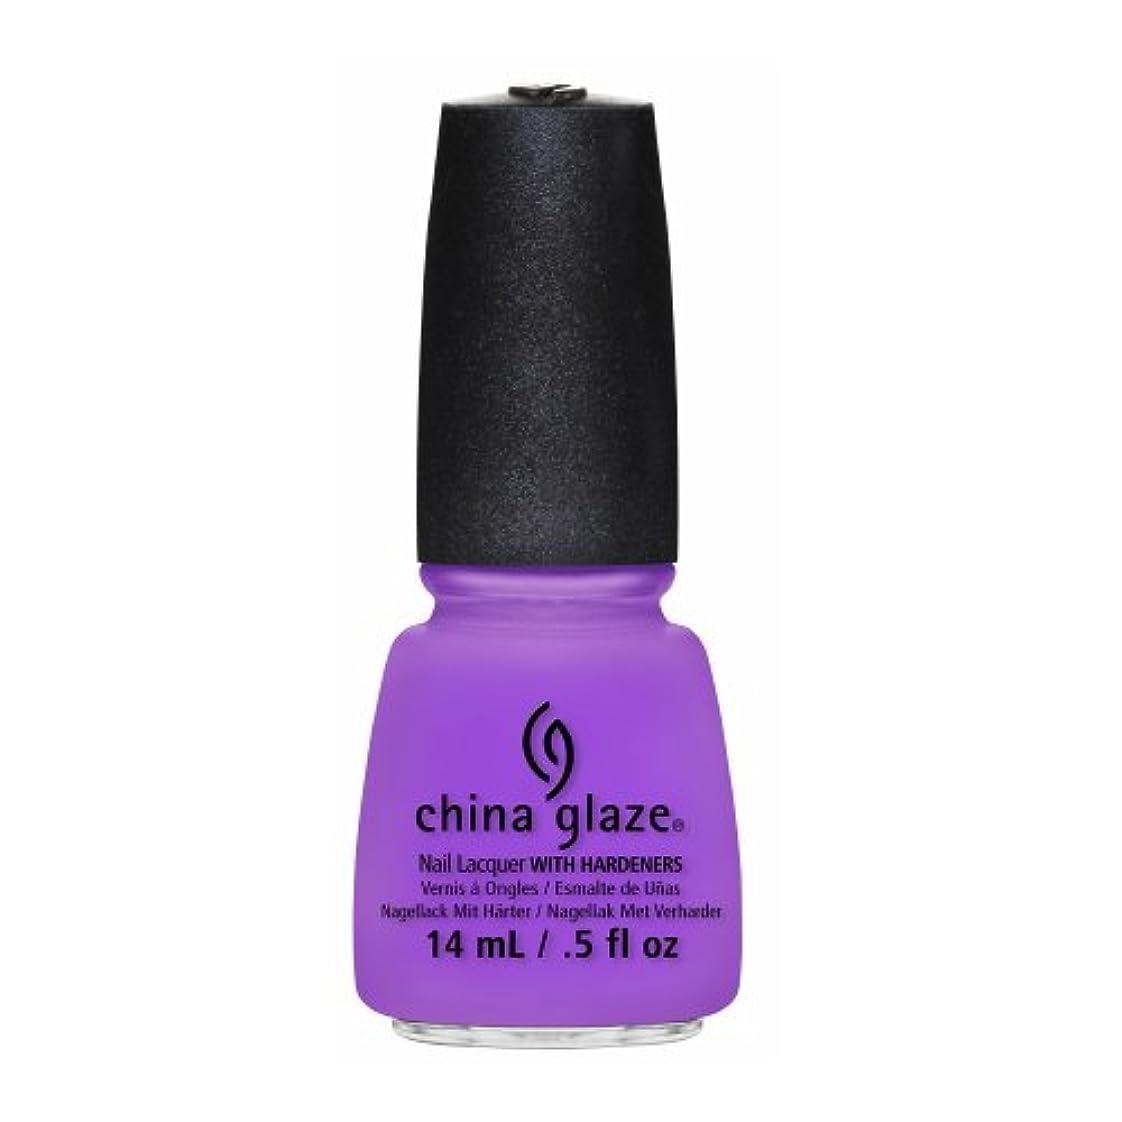 テンポ反対した暗殺する(3 Pack) CHINA GLAZE Nail Lacquer - Sunsational - That's Shore Bright (並行輸入品)